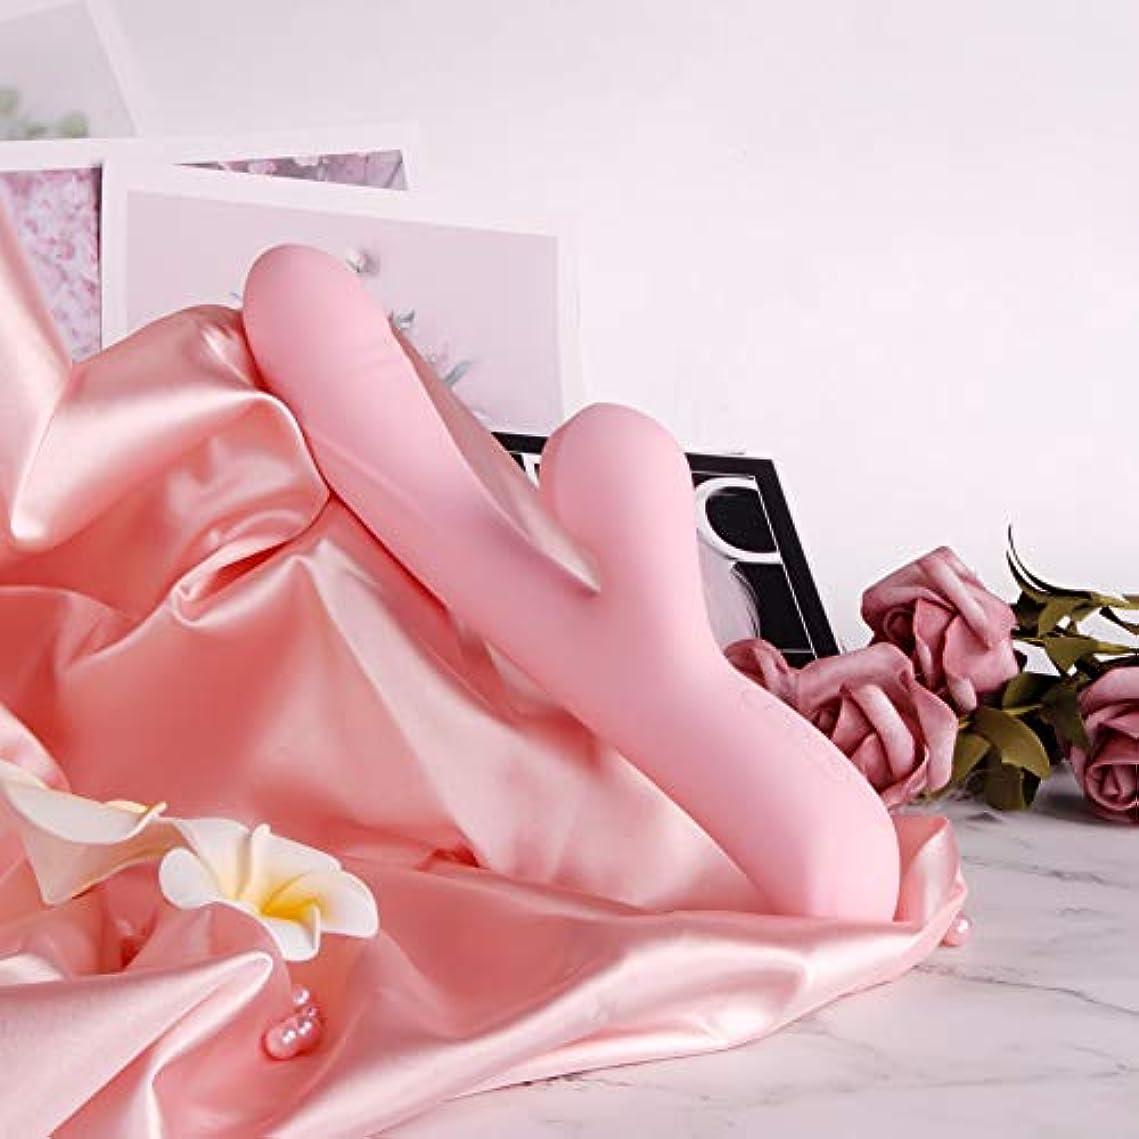 回復ドレス農学脚 マッサージ バイブレーターUSB充電式 AVマジック ワンドバイブレーター マッサージャー 大人のおもちゃ女性用 10スピード電動マッサージ器 42度加熱 自由に曲げられる (ピンク色)